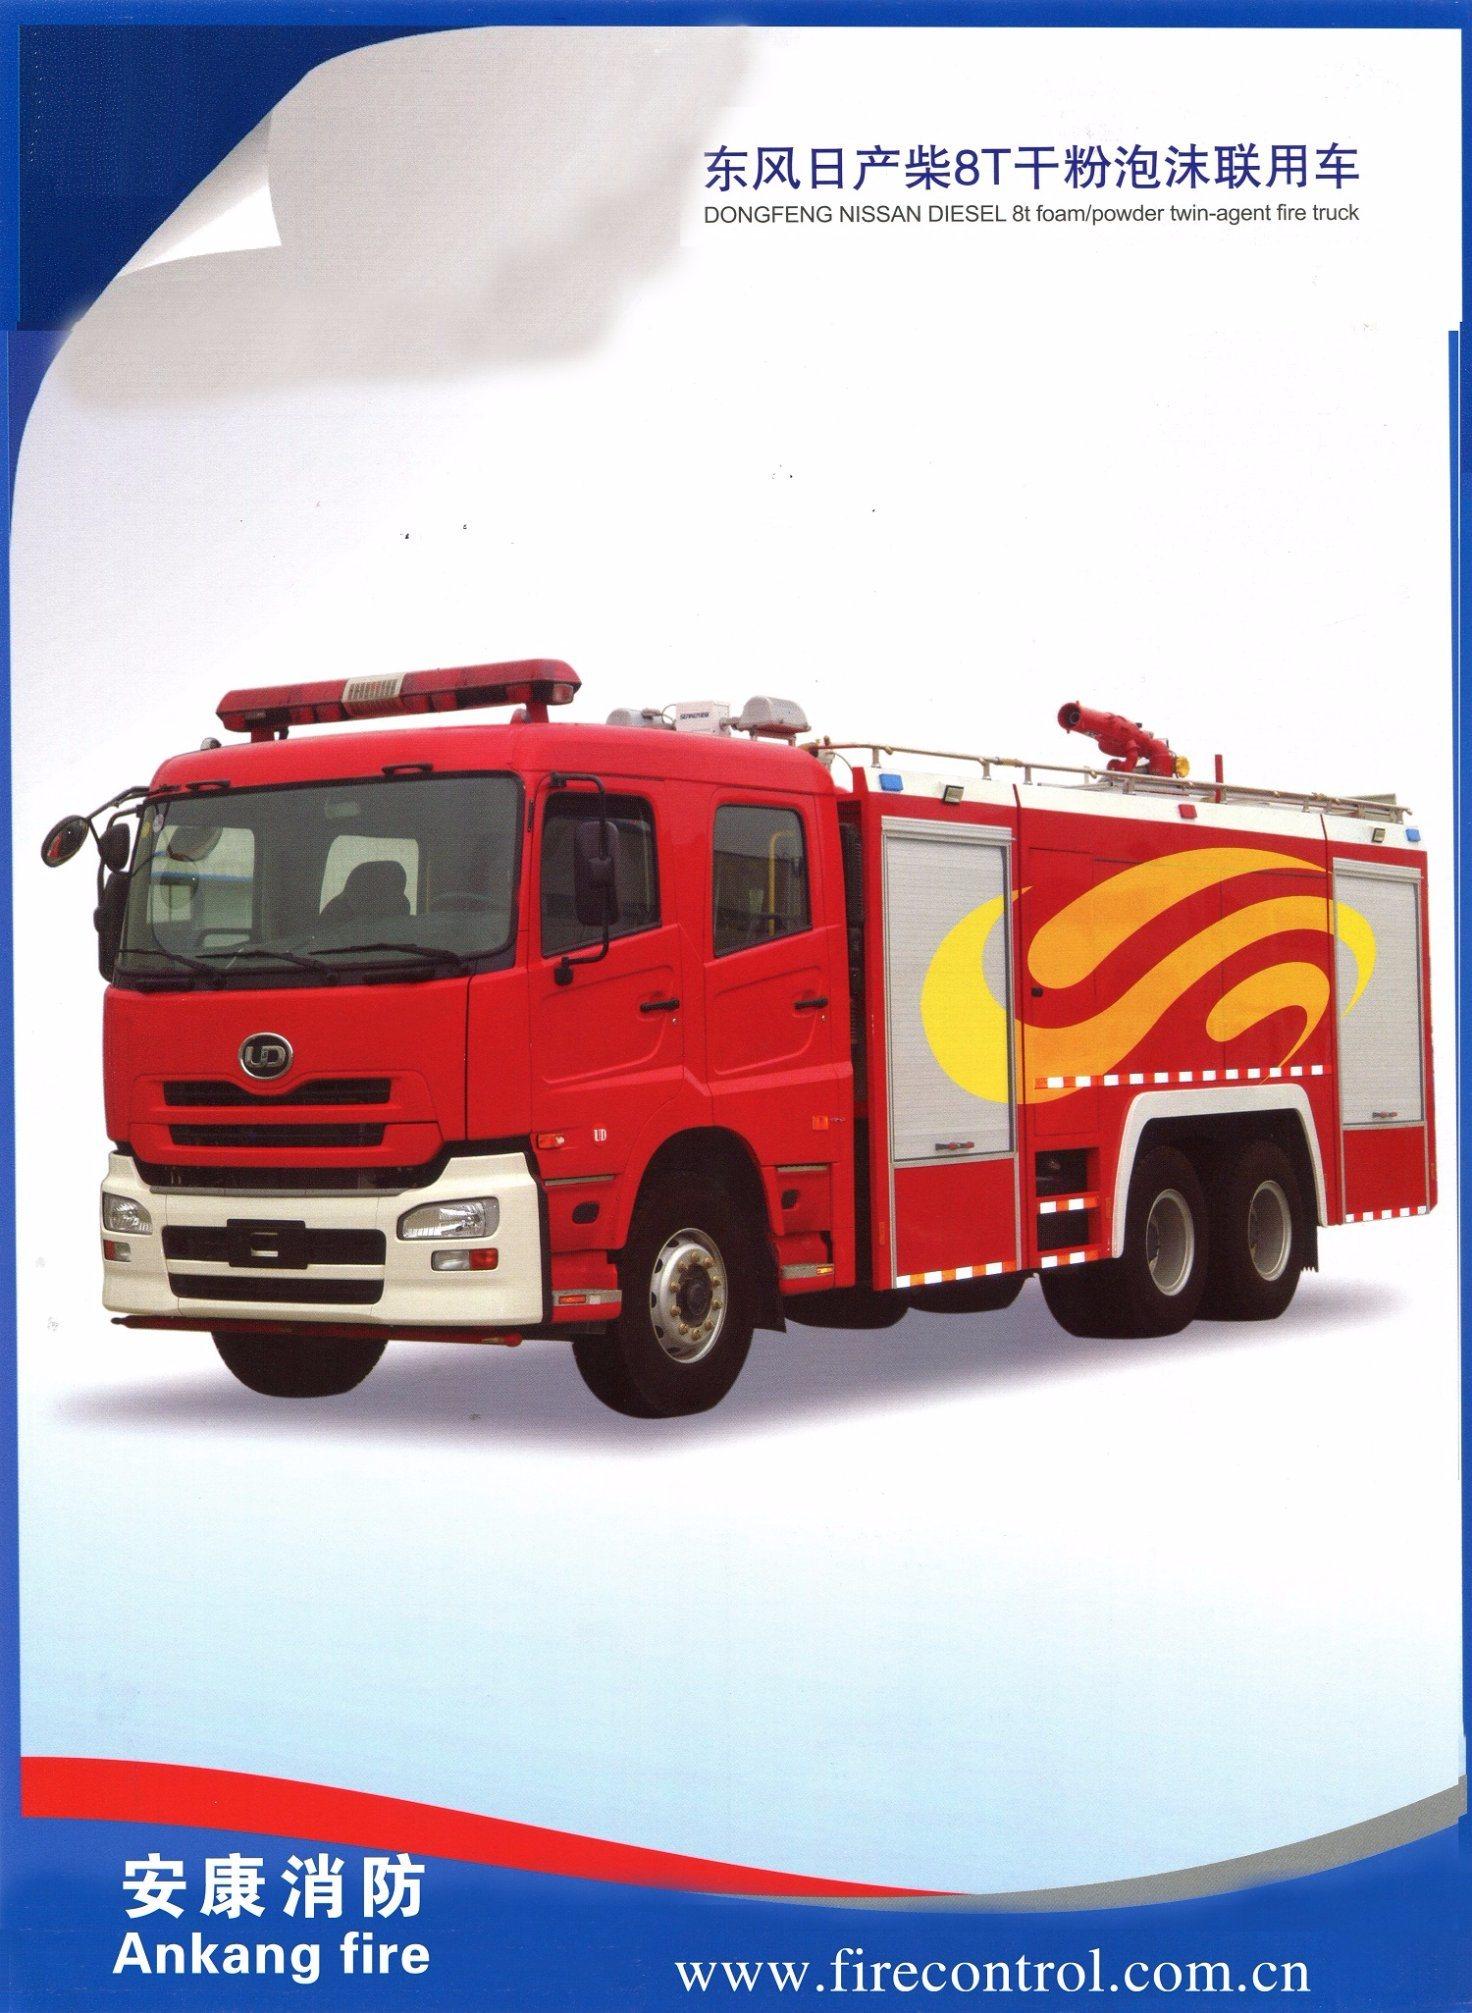 Dongfeng Nissan Diesel 8t Foam/Powder Twin-Agent Fire Truck